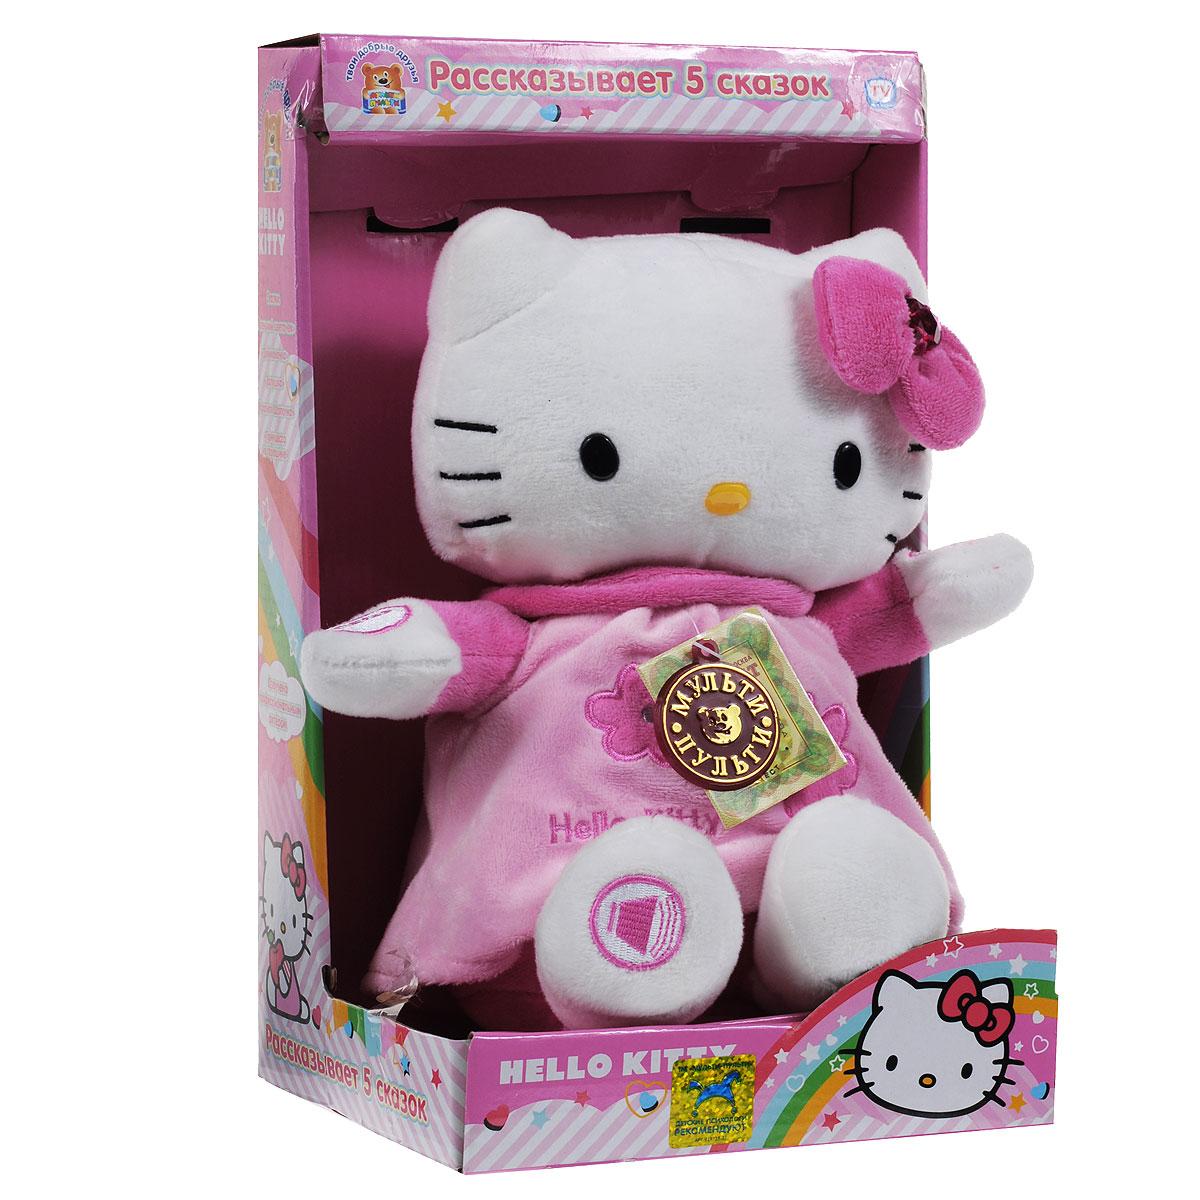 Анимированная игрушка Мульти-Пульти Hello Kitty, цвет: белый, розовыйV27388/25X розовыйHello Kitty - анимированная игрушка, выполненная в виде всем известной кошечки Китти, вызовет улыбку у каждого, кто ее увидит. Мягконабивная игрушка с пластиковыми глазками и носиком одета в розовый сарафанчик, на головке имеется розовый бантик со стразой в виде сердечка. При нажатии на ее левую верхнюю лапку, Китти расскажет одну из следующих сказок: Аленький цветочек, Дюймовочка, Золушка, Красная Шапочка, Принцесса на горошине. Во время исполнения Китти двигается синхронно со словами сказки. Если нажать на правую верхнюю лапку, Китти остановится и замолчит, при повторном нажатии в течение некоторого времени она продолжит с того места, где остановилась. Нажатием на правую нижнюю лапку регулируется громкость чтения сказки. Ваша малышка будет в восторге от такого подарка! Рекомендуется докупить 3 батарейки напряжением 1,5V типа ААА (товар комплектуется демонстрационными).